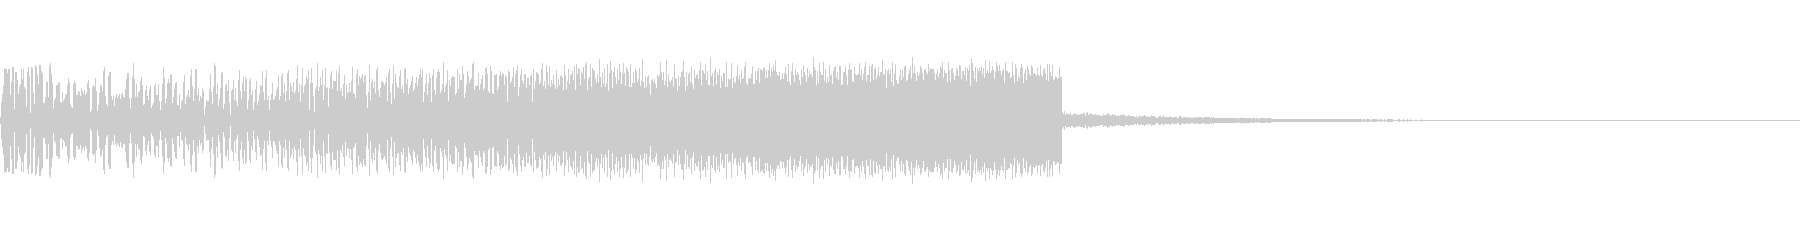 上昇音 シンセ01 【2秒】の未再生の波形